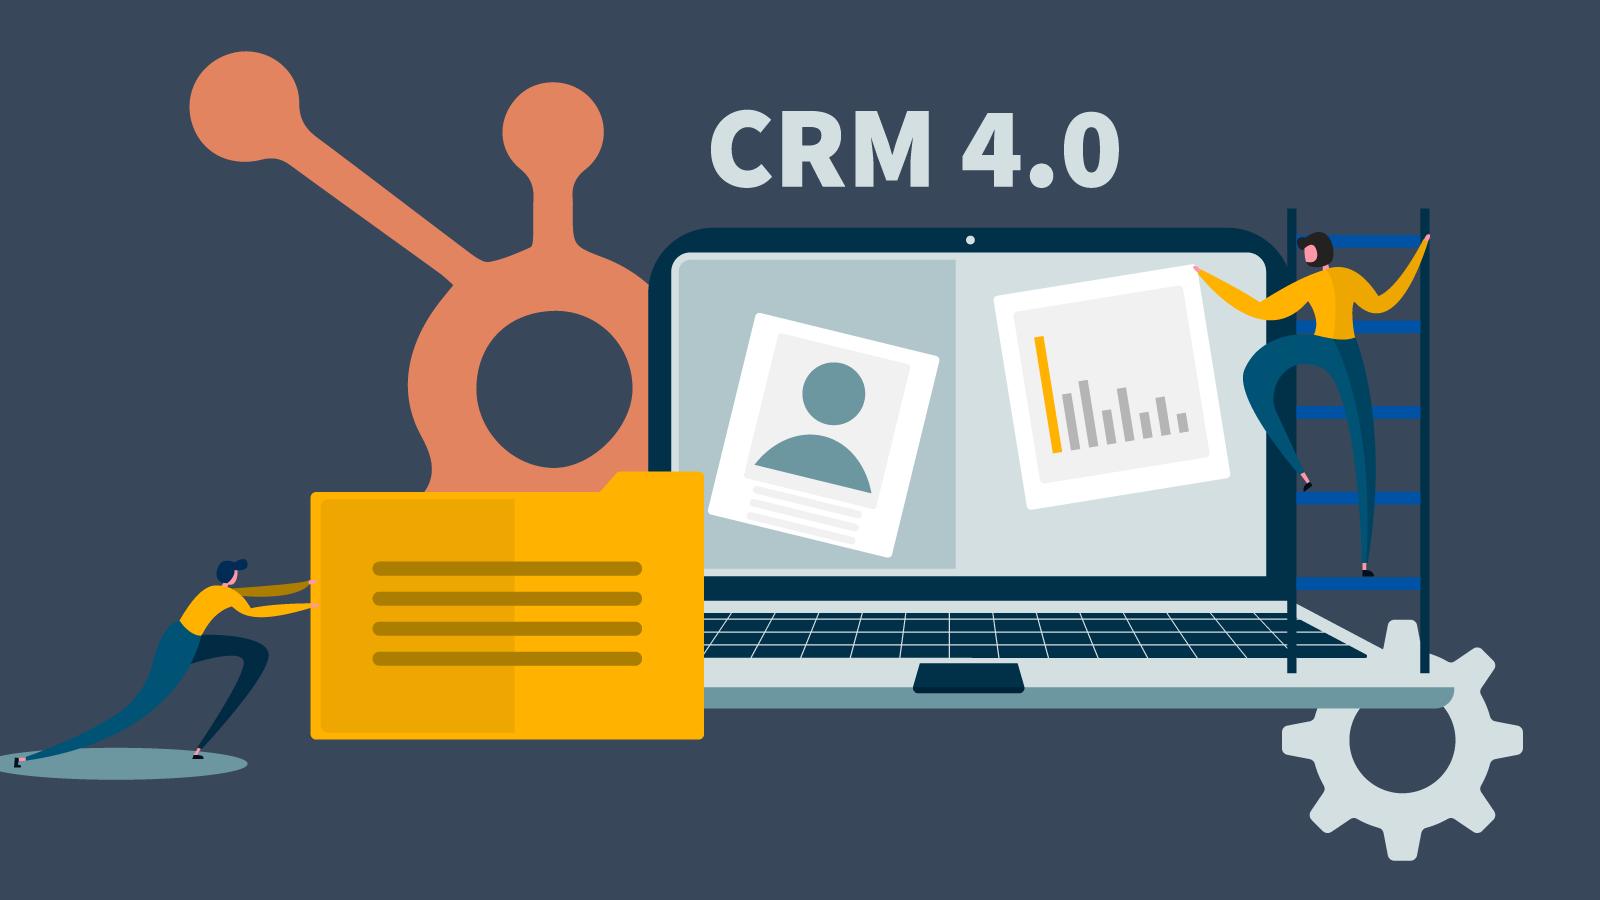 L'arrivo del CRM 4.0